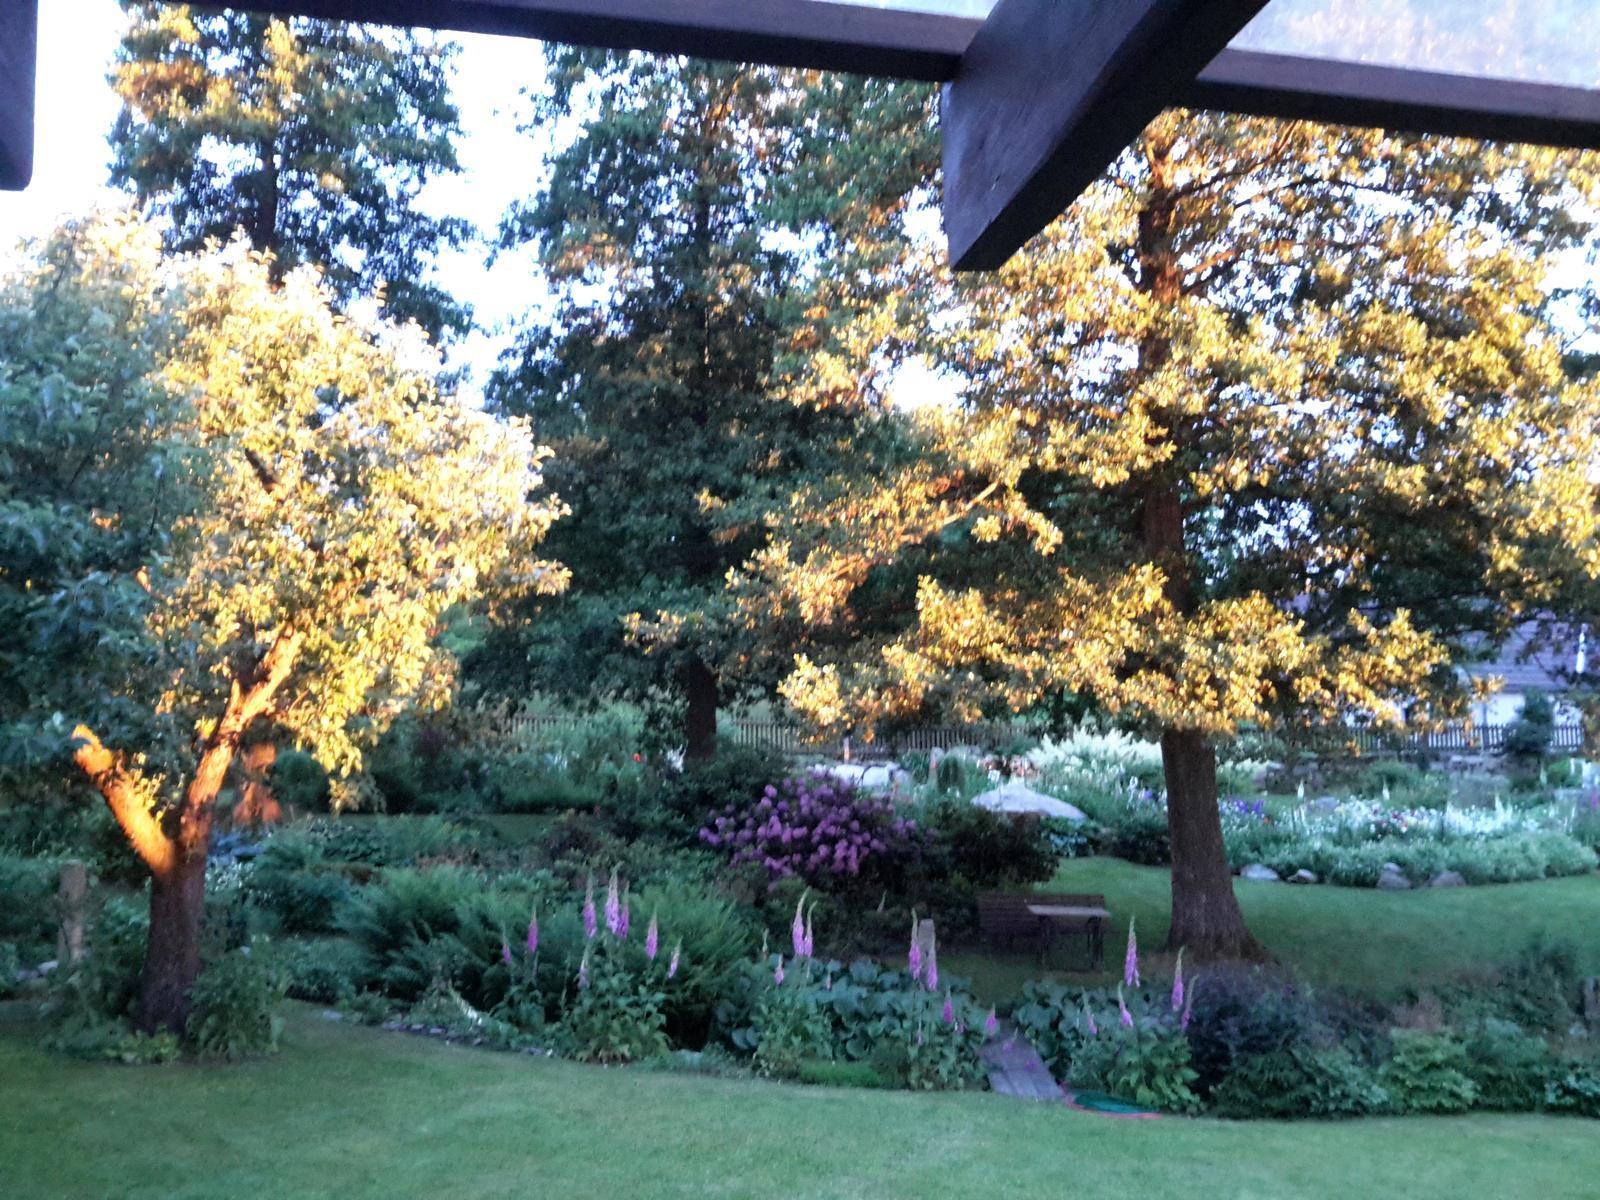 Jihočeská venkovská zahrada. - V obětí zapadajícího slunce.